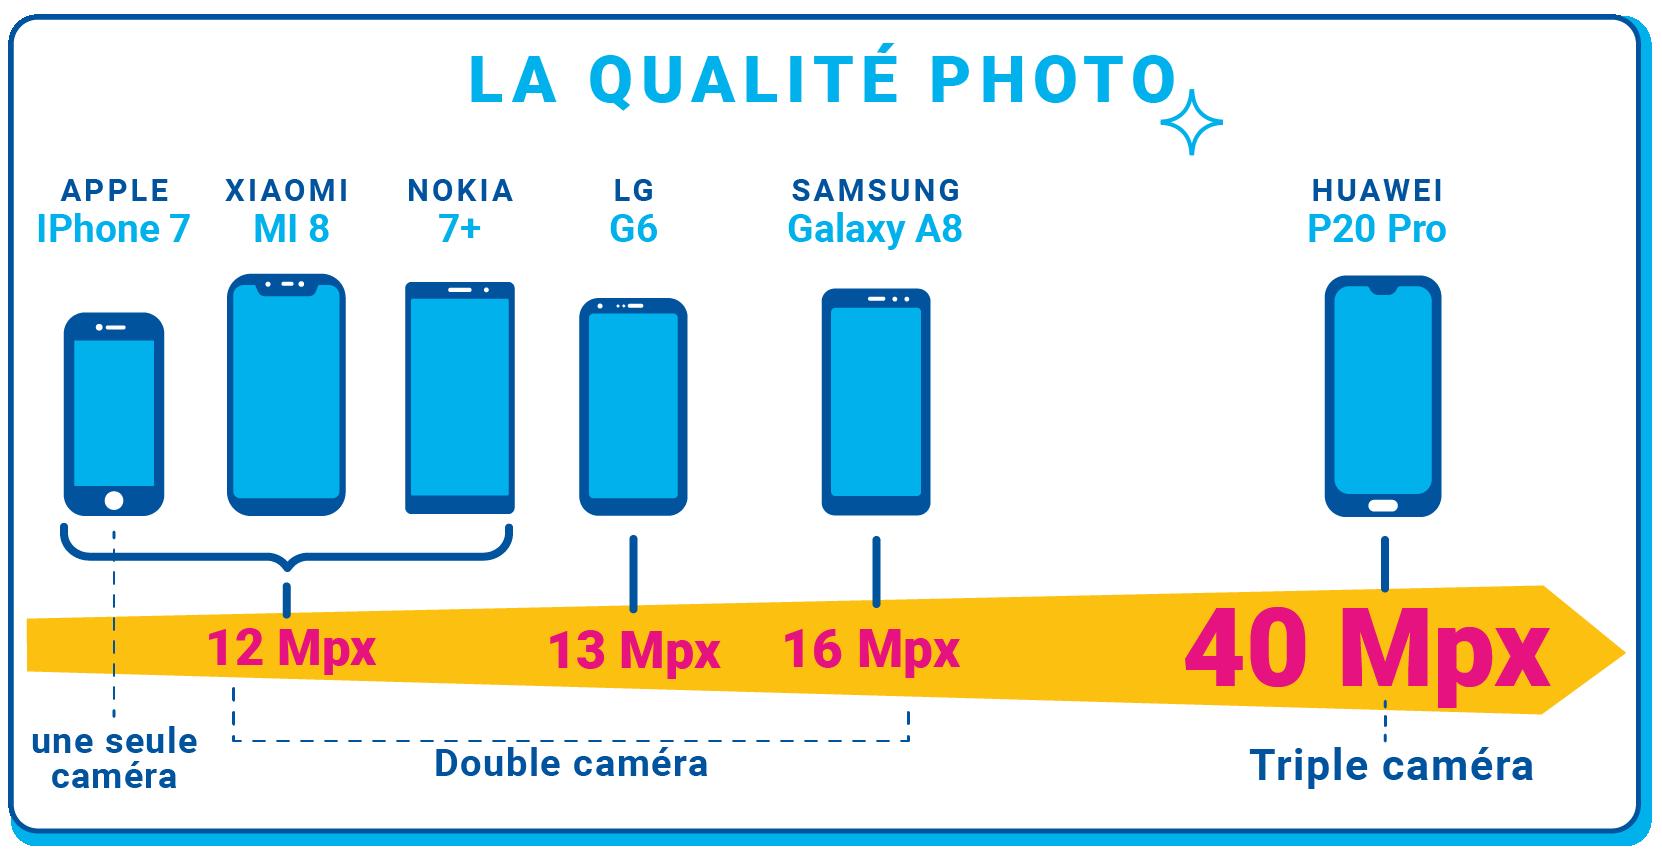 Qualité photo des différents smartphones